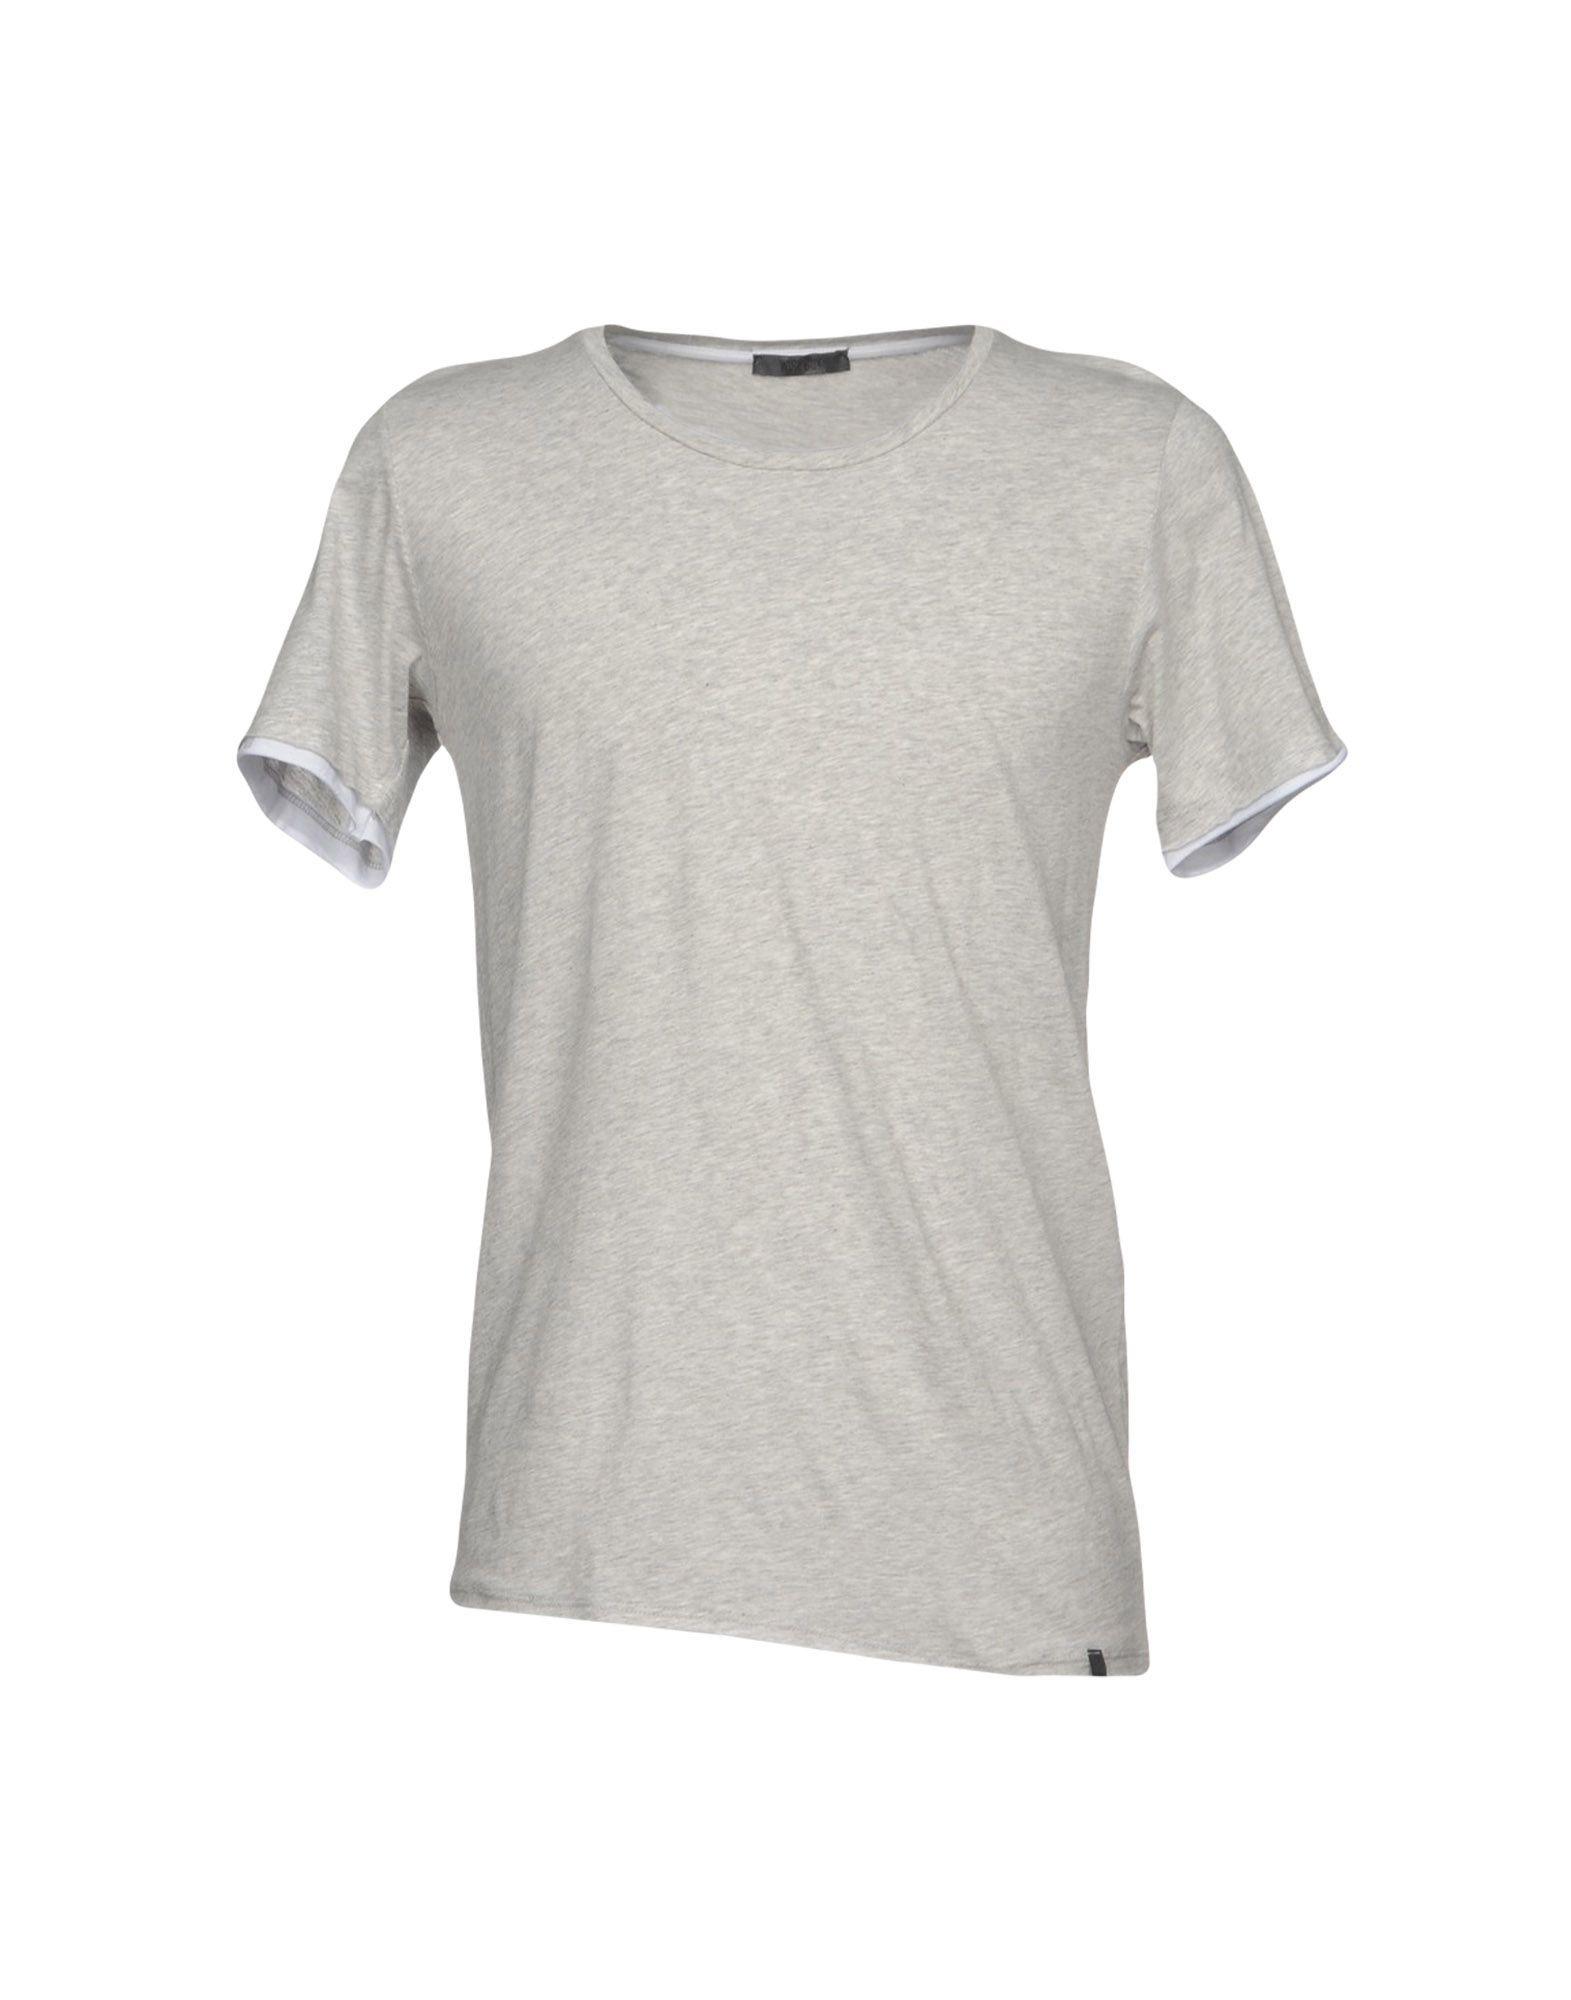 T-Shirt Wise - Guy Uomo - Wise 39801867PT 018804